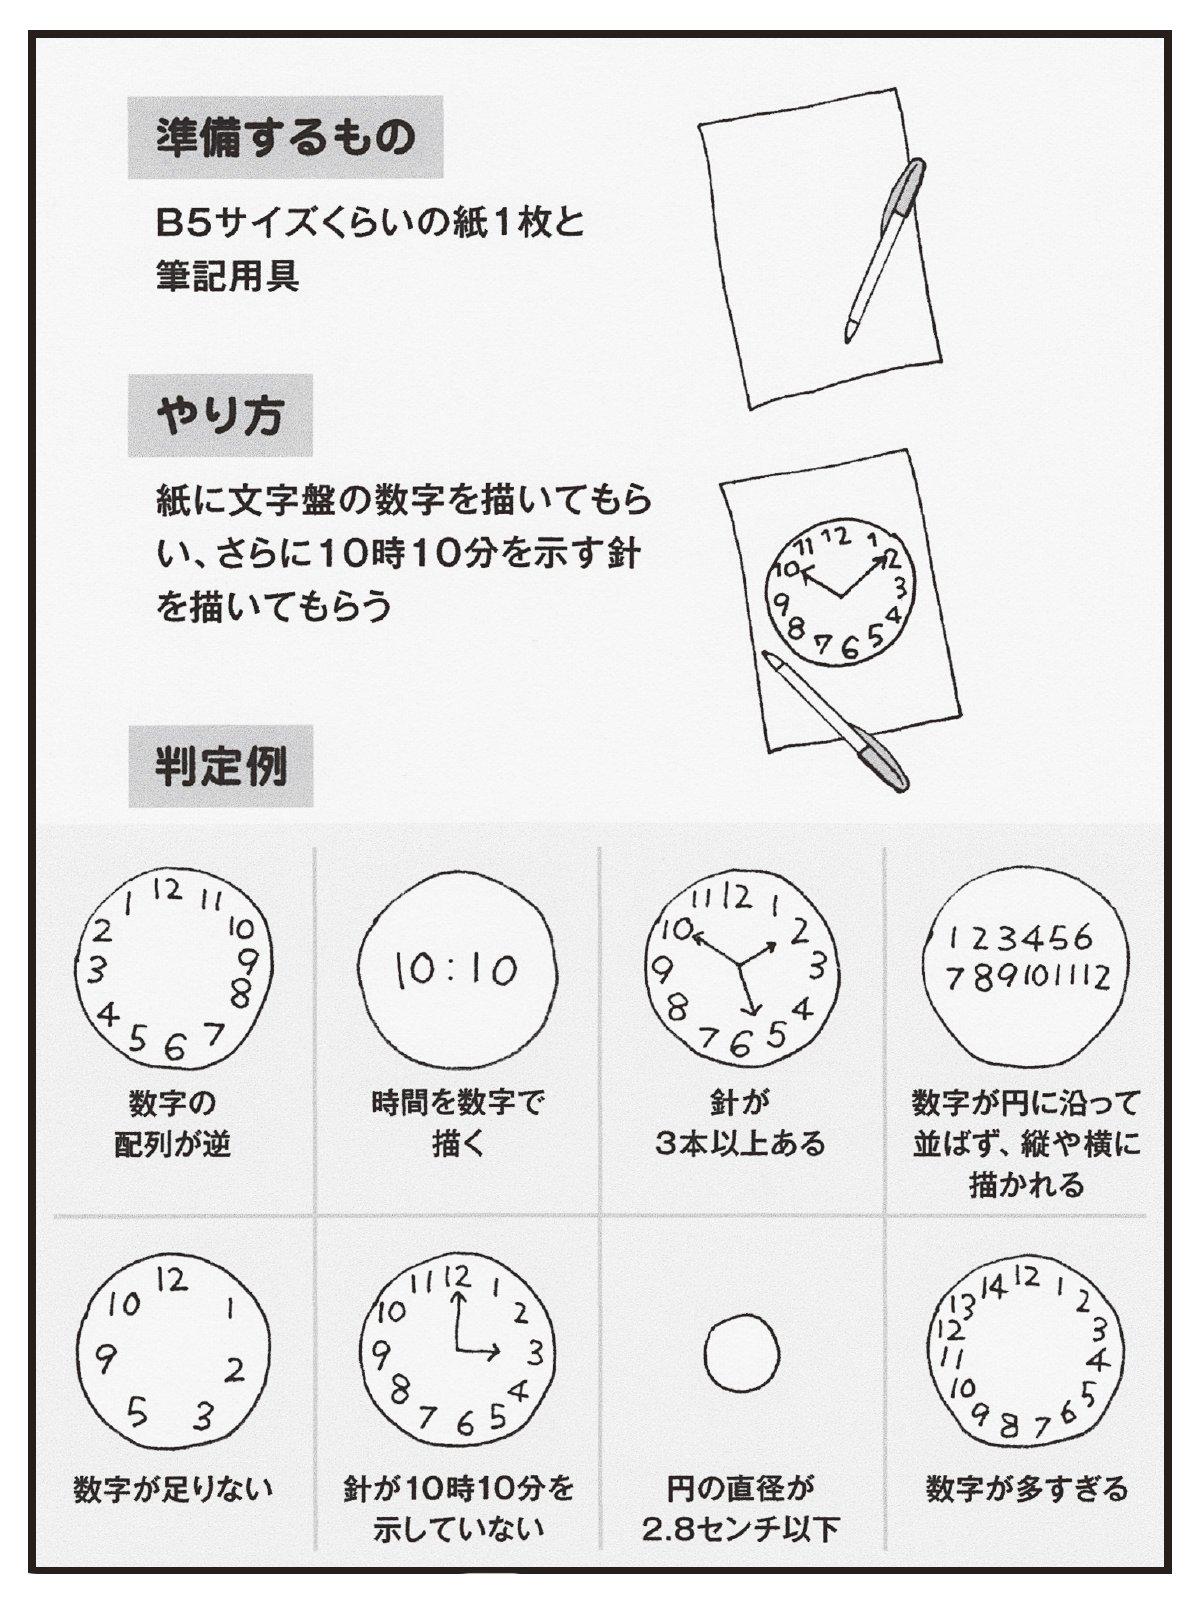 絵 アルツハイマー テスト